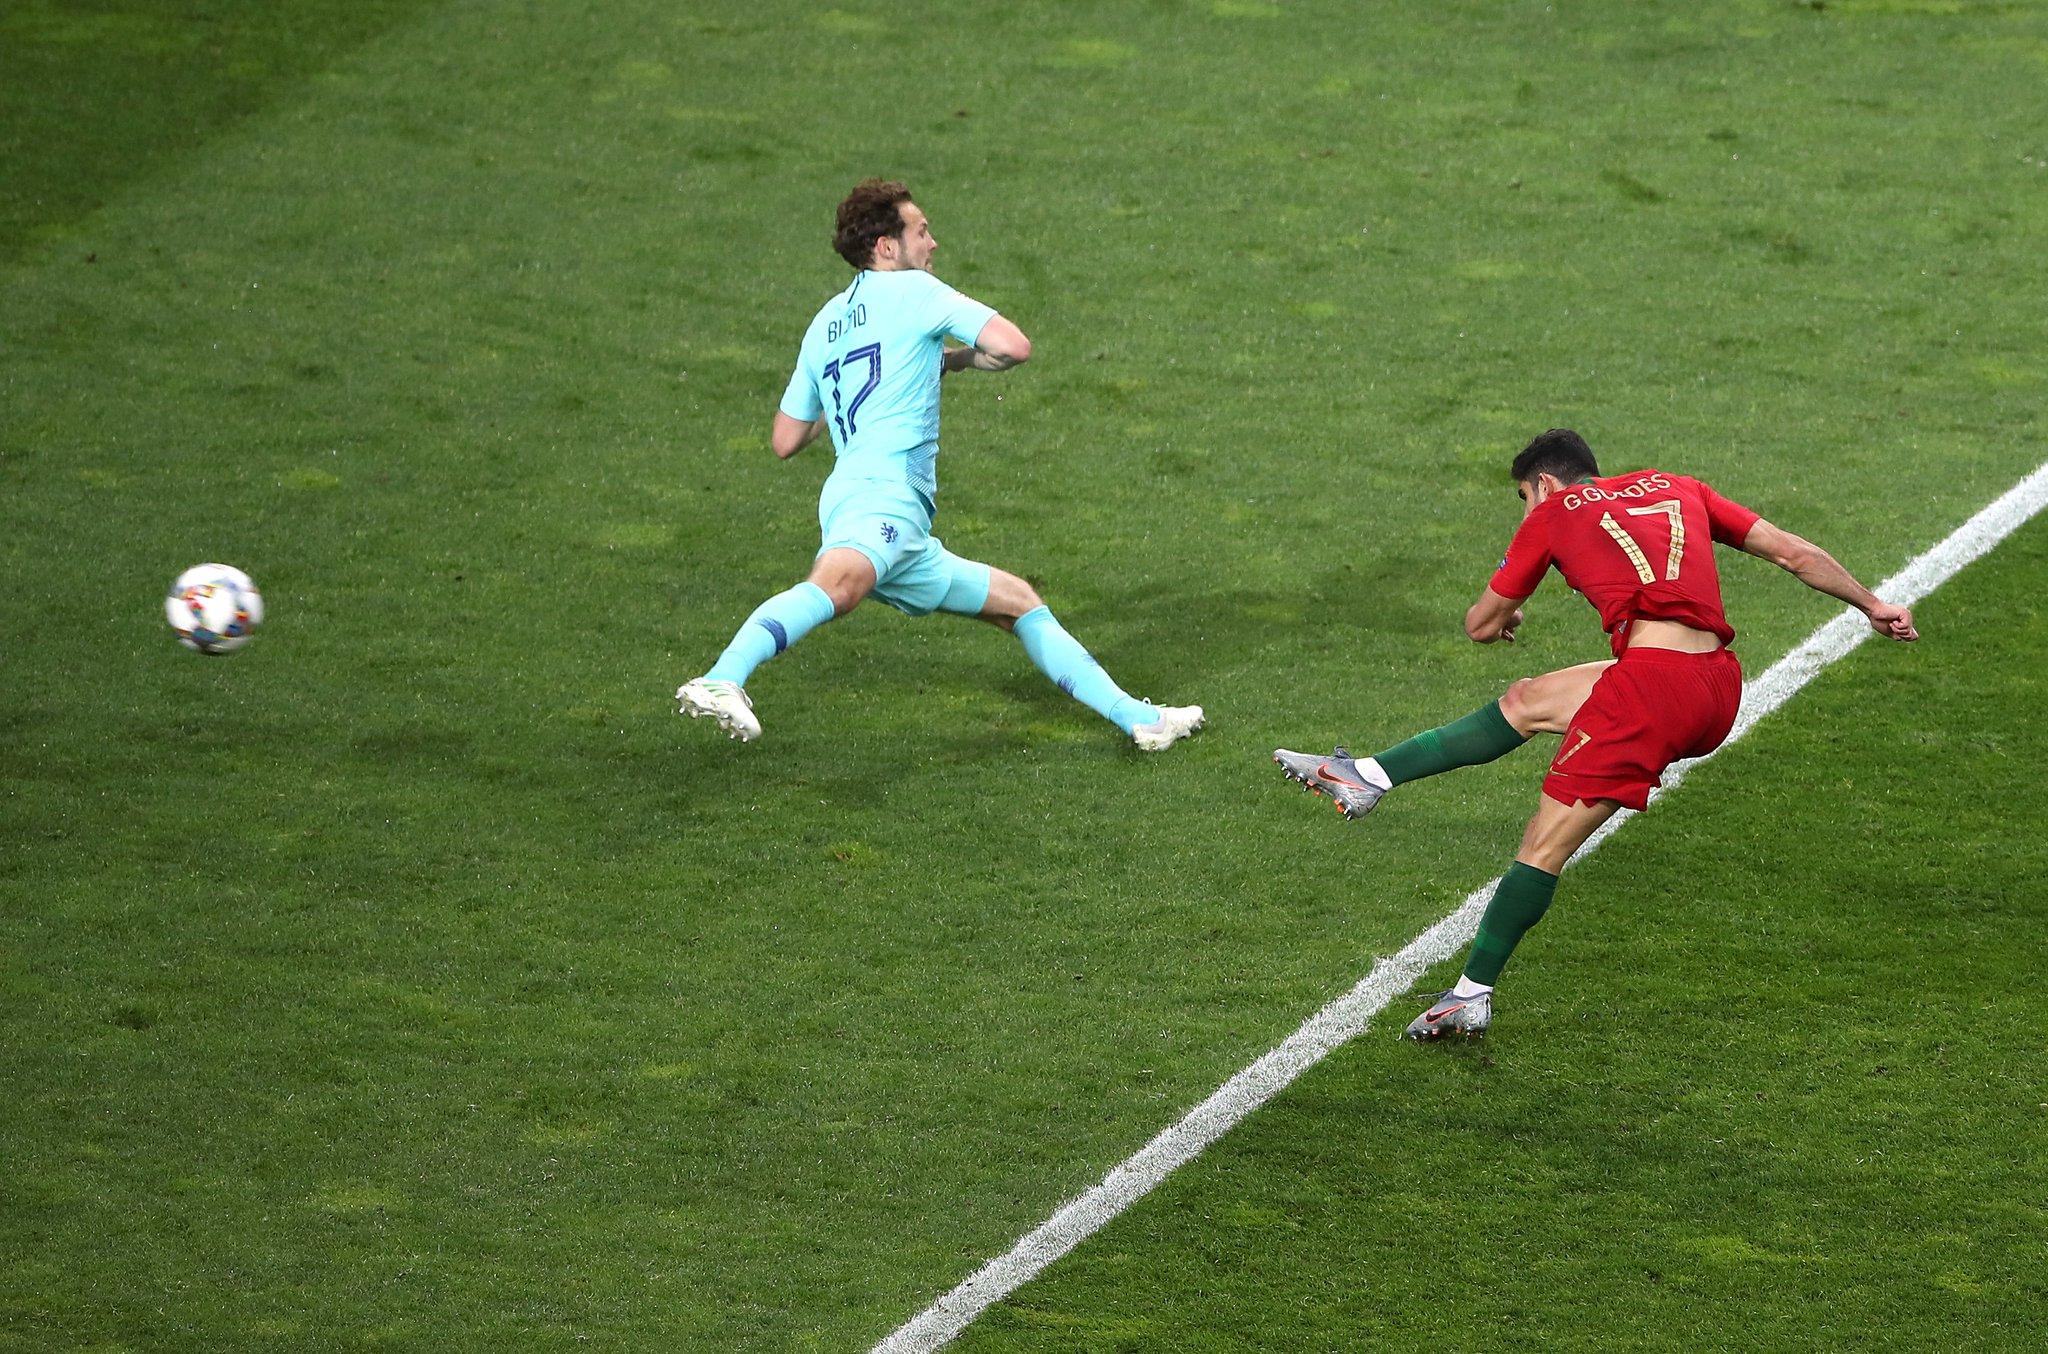 هدف البرتغال الأول في مرمى هولندا في نهائي دوري الأمم الأوروبية